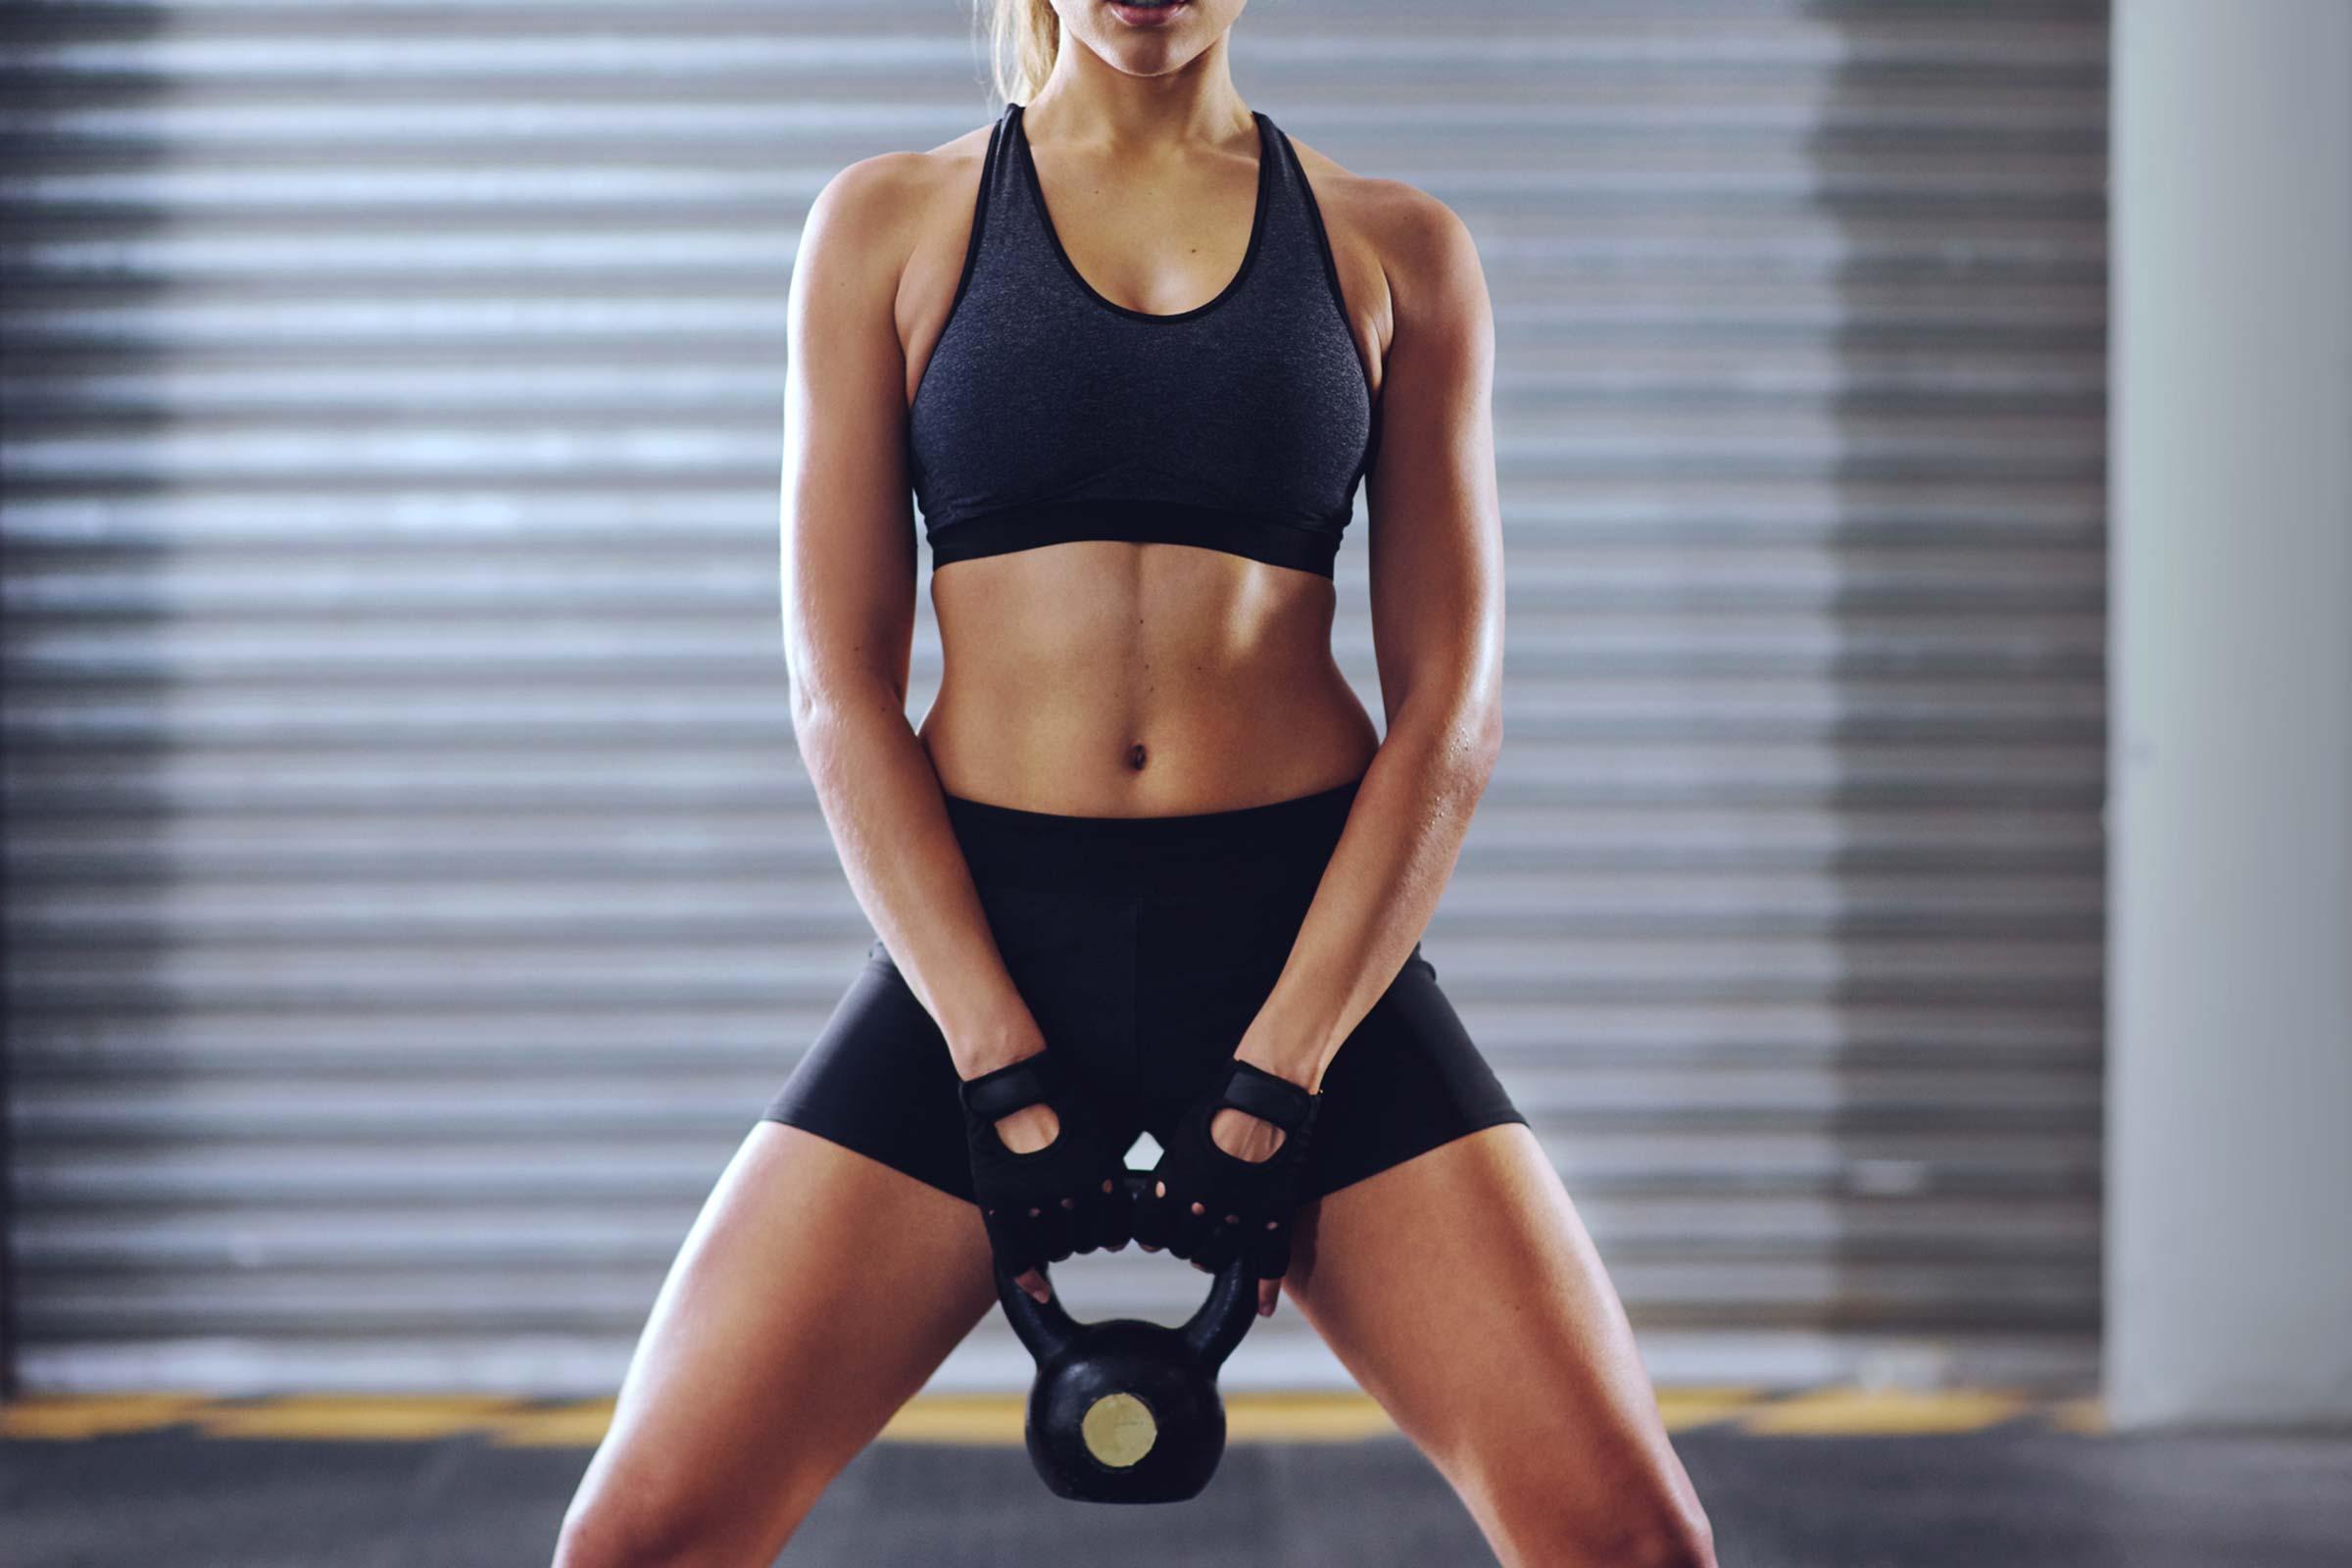 Как ускорить похудение на максимум? шокирующая правда! в домашних условиях | для девушек и мужчин